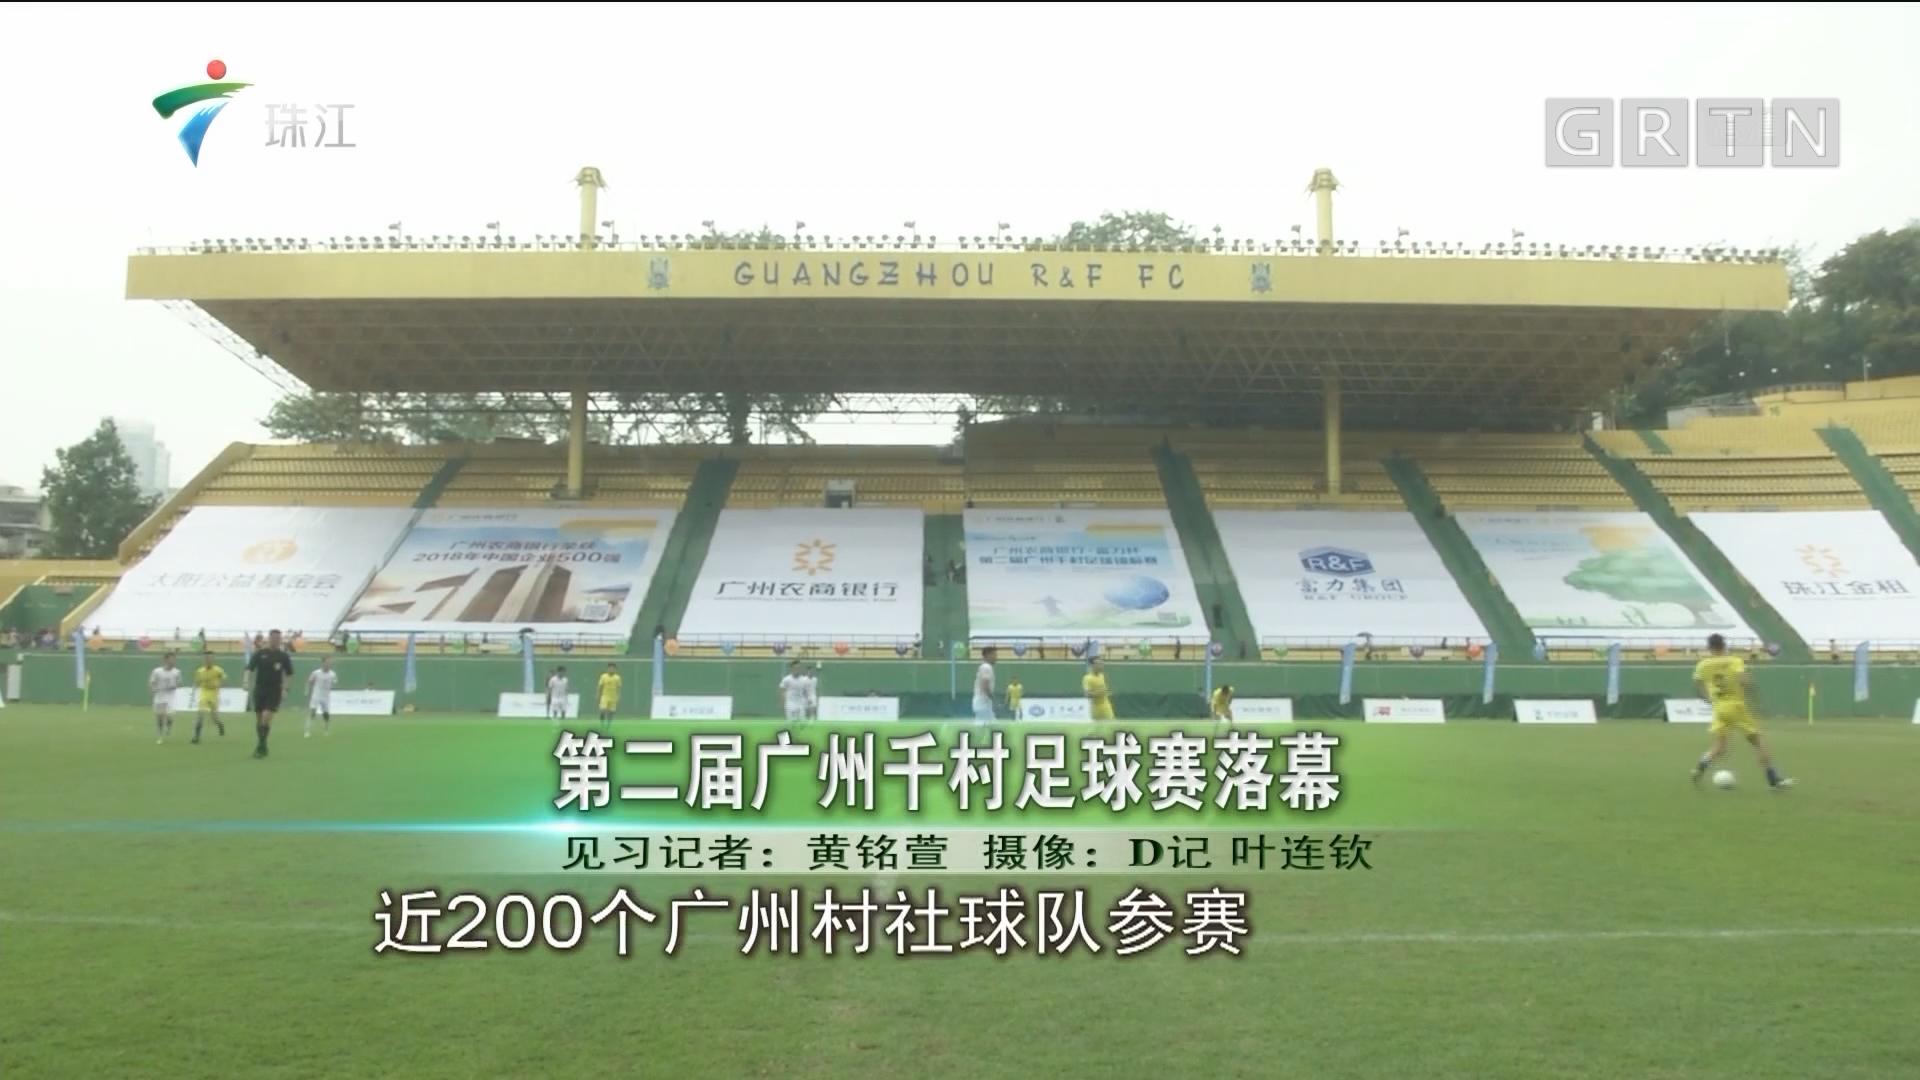 第二届广州千村足球赛落幕